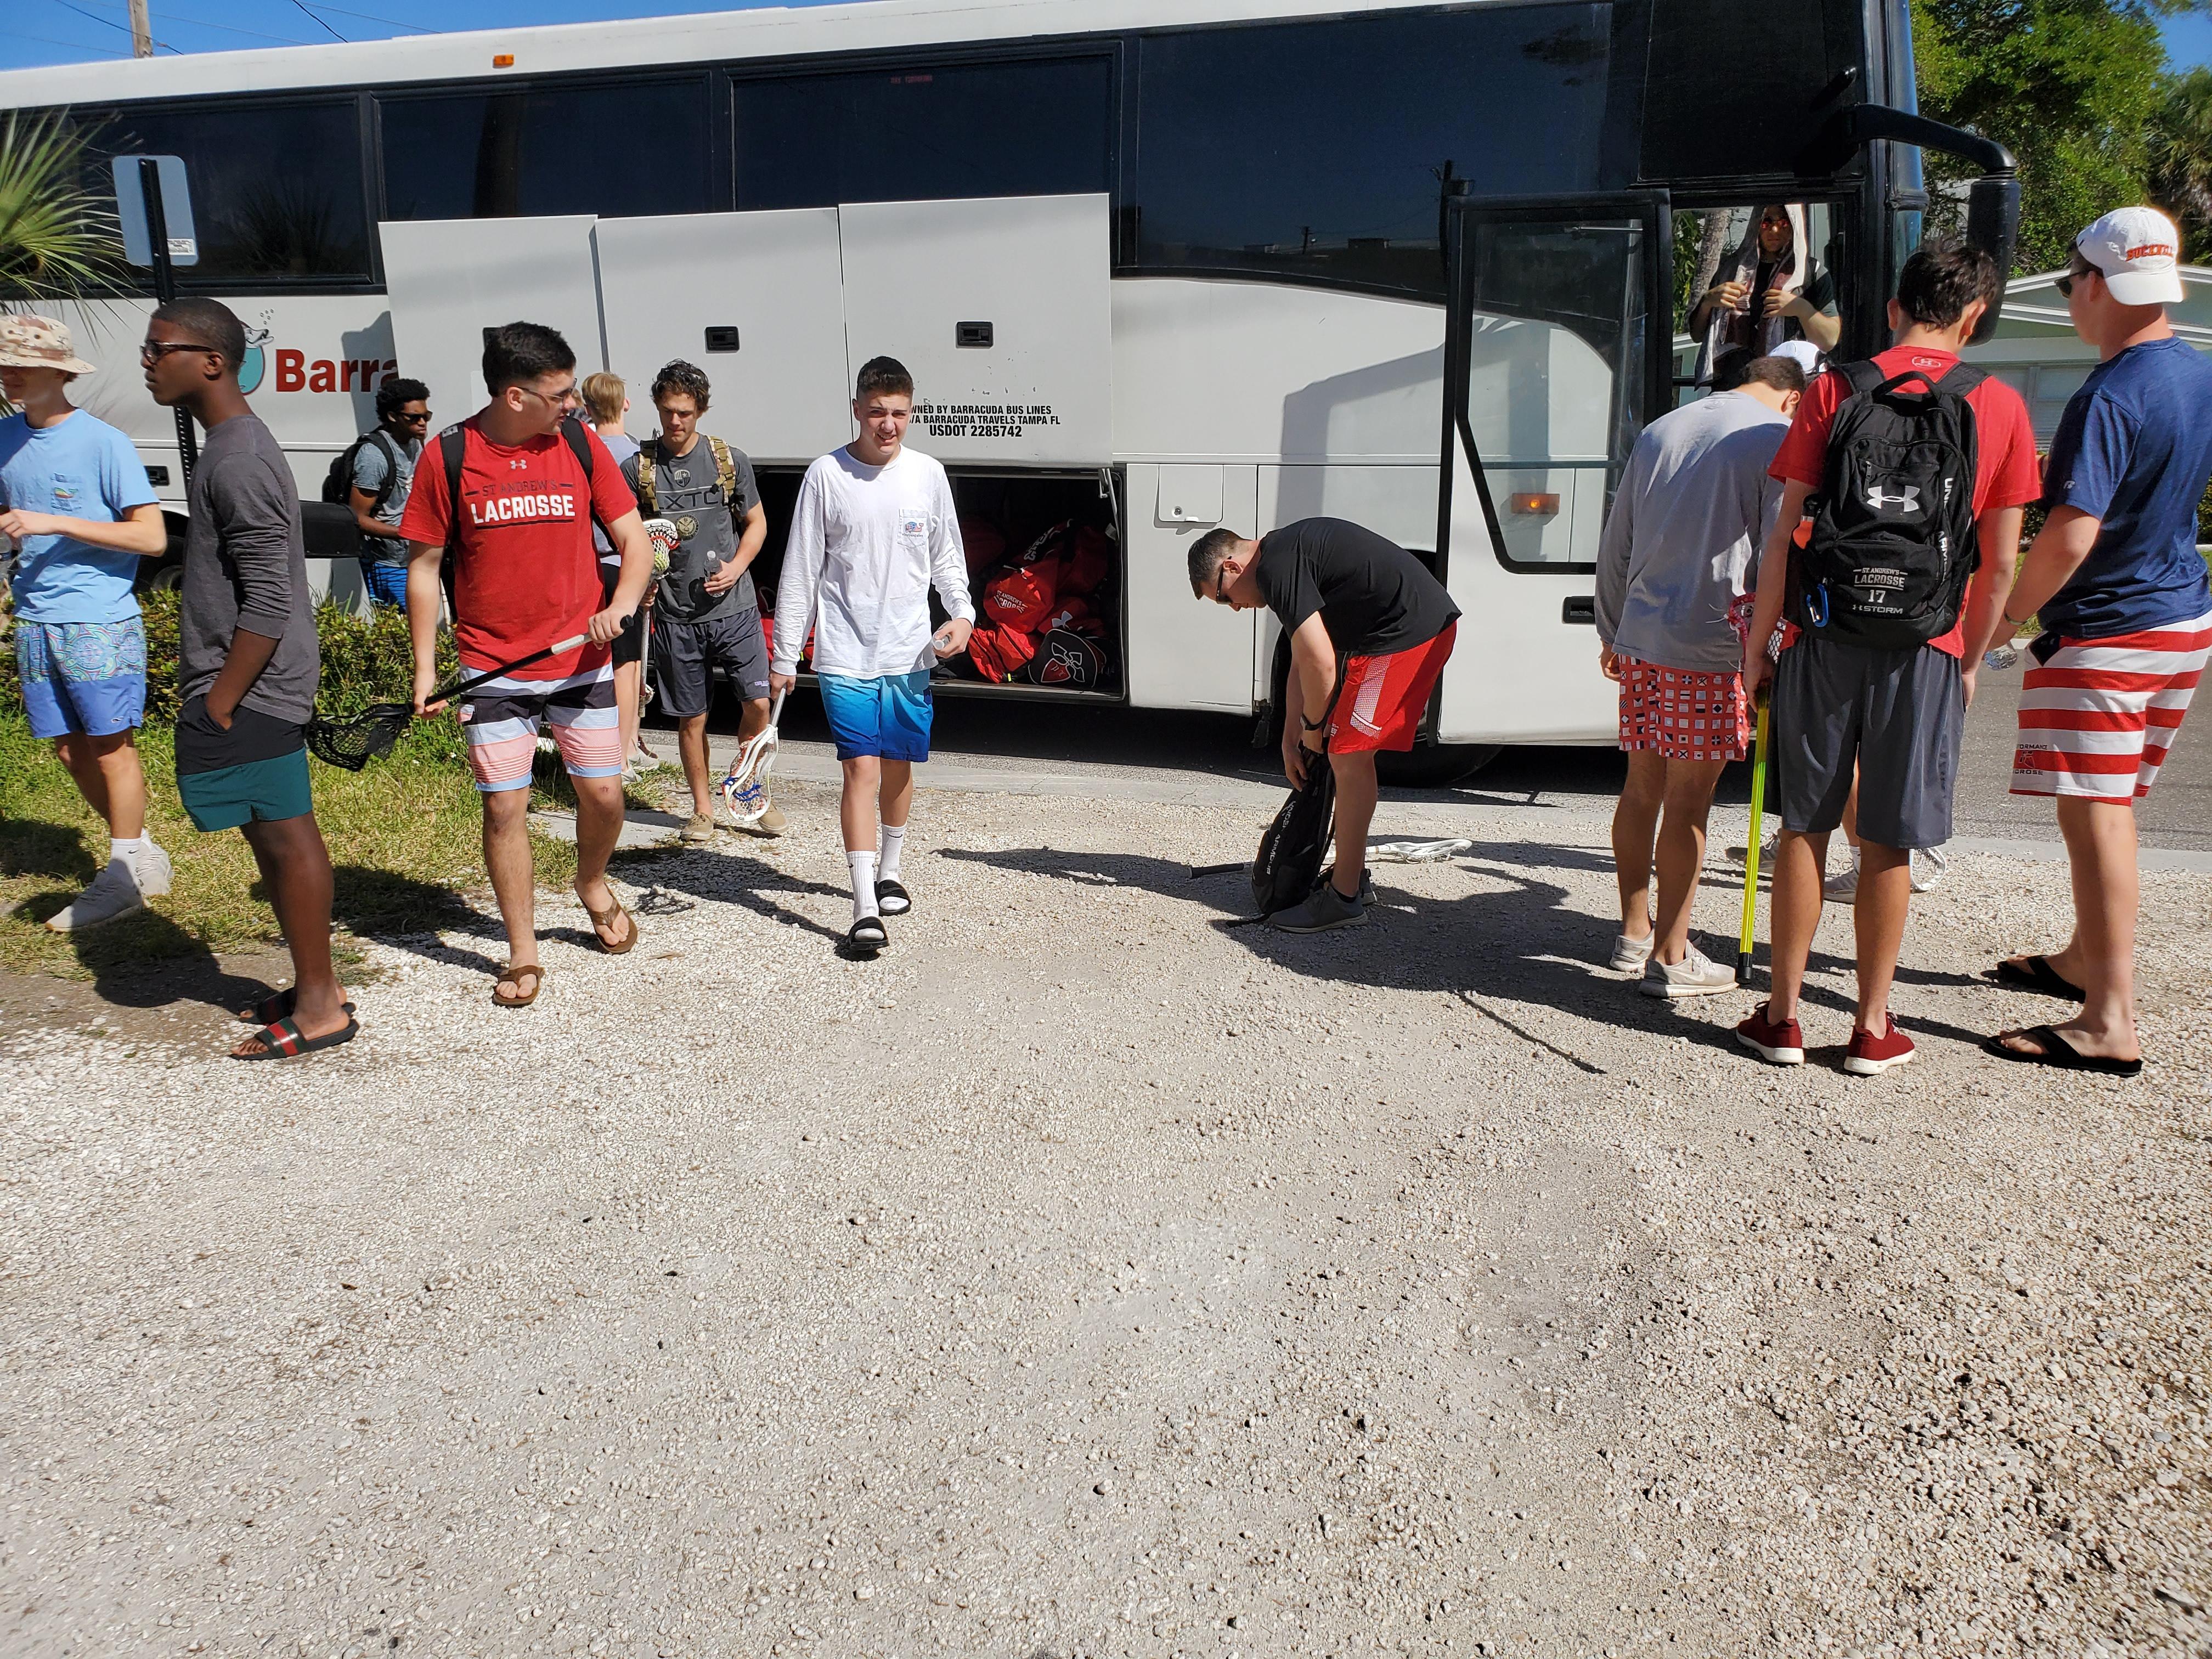 lacrosse bus rental